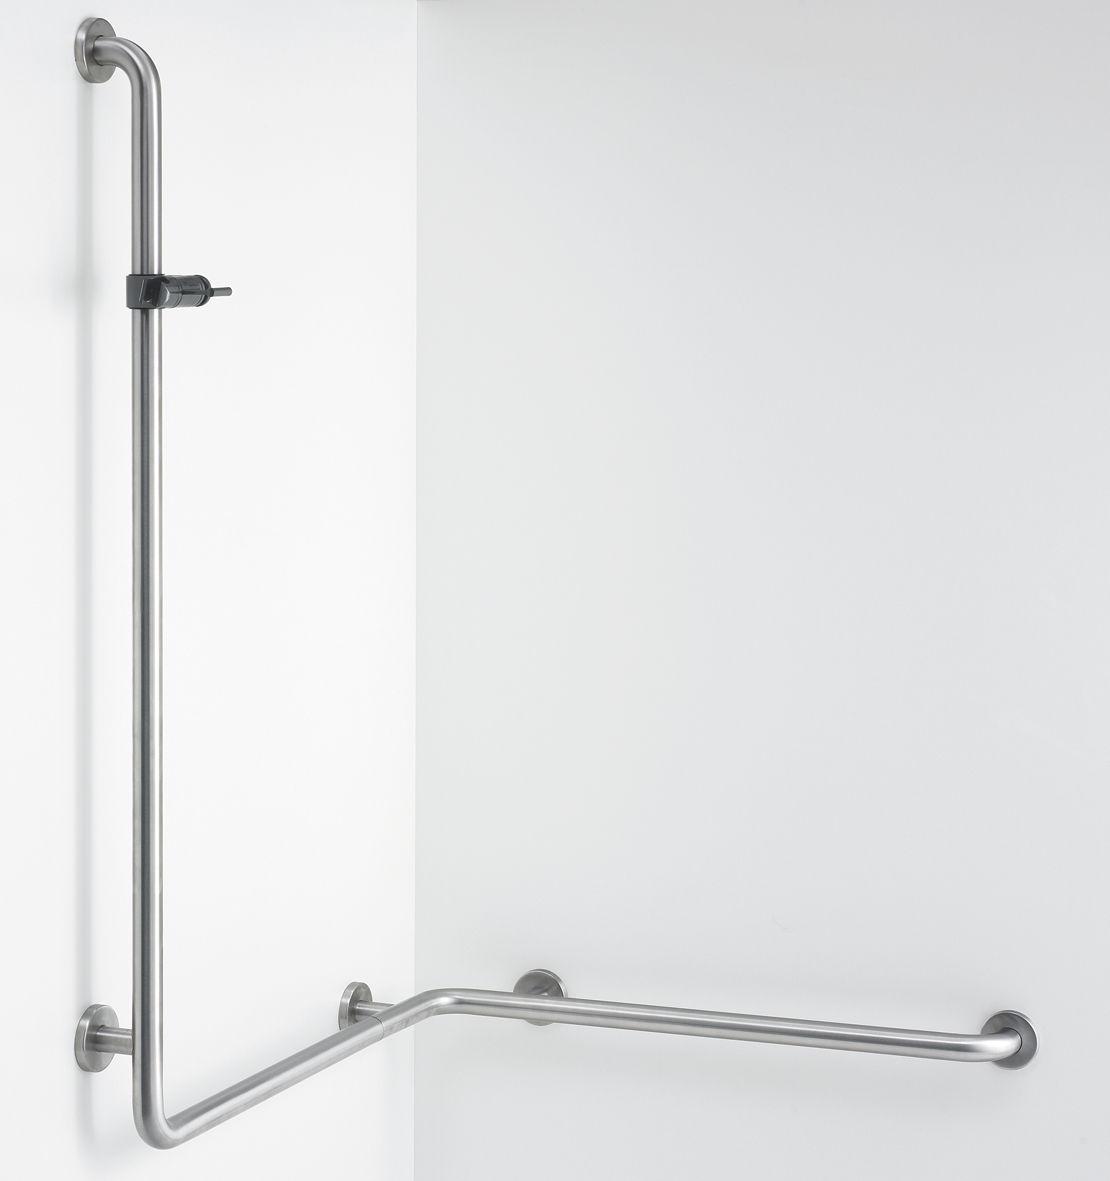 barra de apoyo de acero inoxidable   de esquina   de pared   para el sector  servicios - 2961210 0375265f79ef